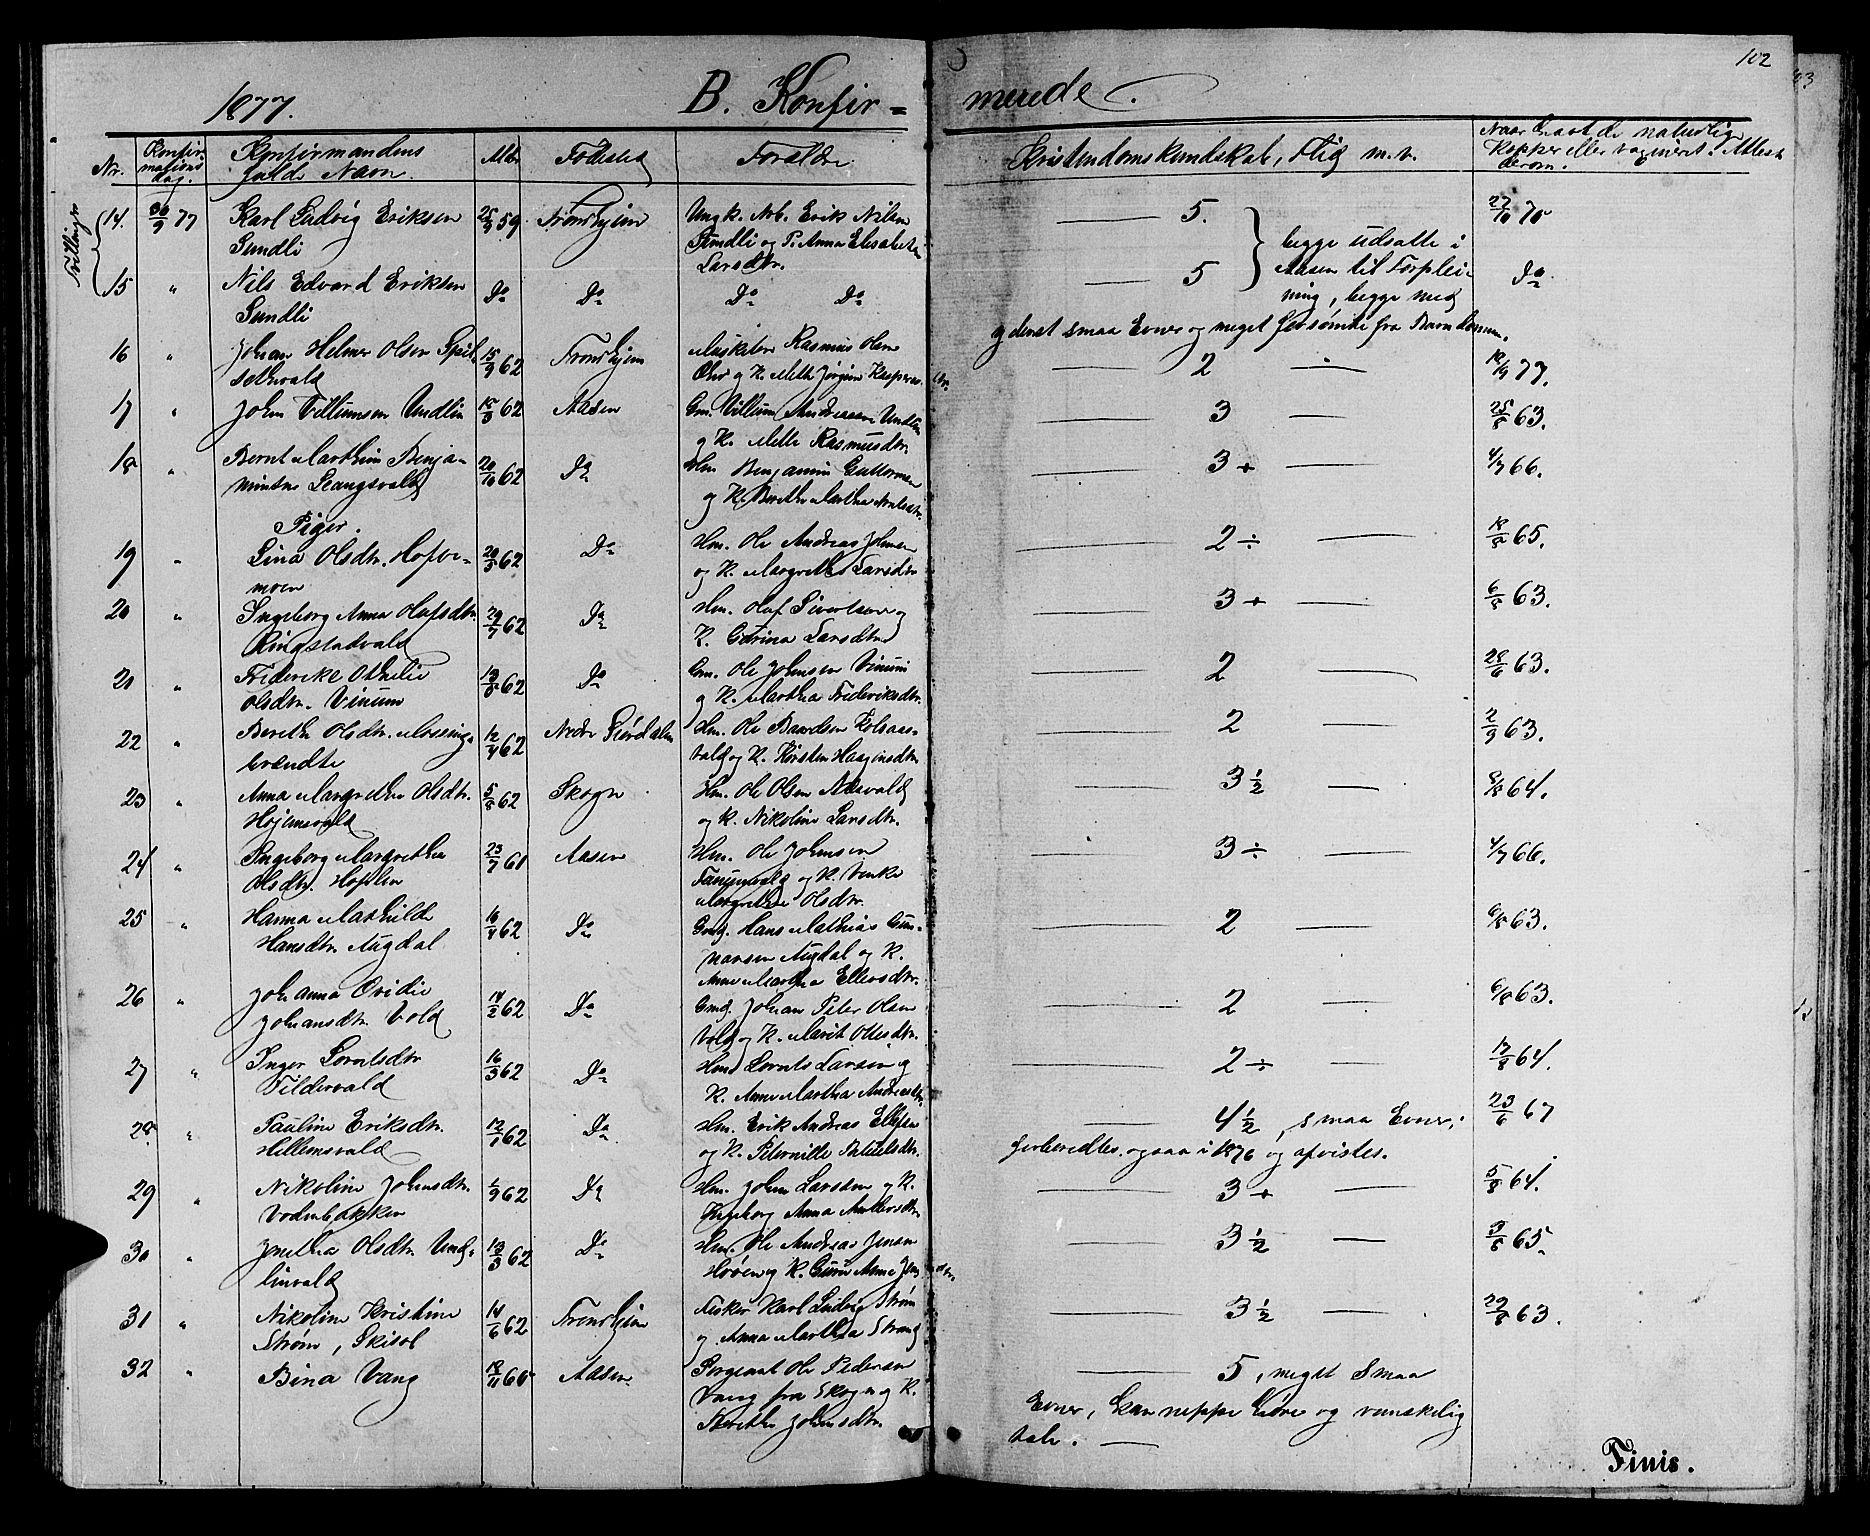 SAT, Ministerialprotokoller, klokkerbøker og fødselsregistre - Nord-Trøndelag, 714/L0133: Klokkerbok nr. 714C02, 1865-1877, s. 102